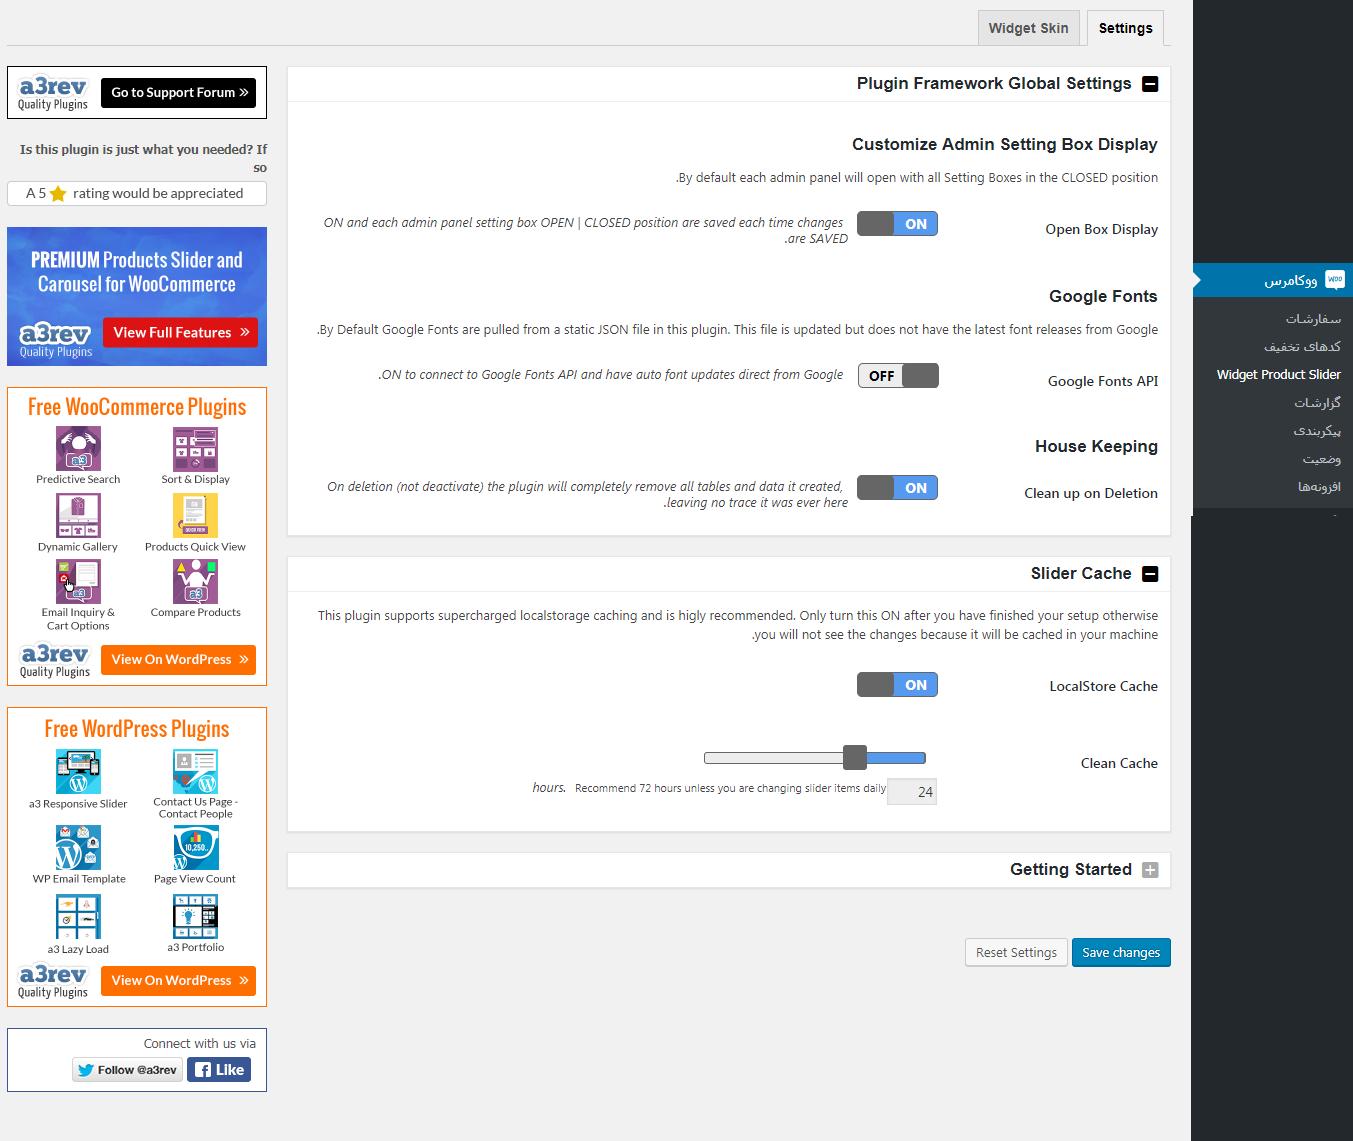 ساخت ابزارک اسلایدر محصولات ووکامرس با افزونه Product Widget Slider for WooCommerce